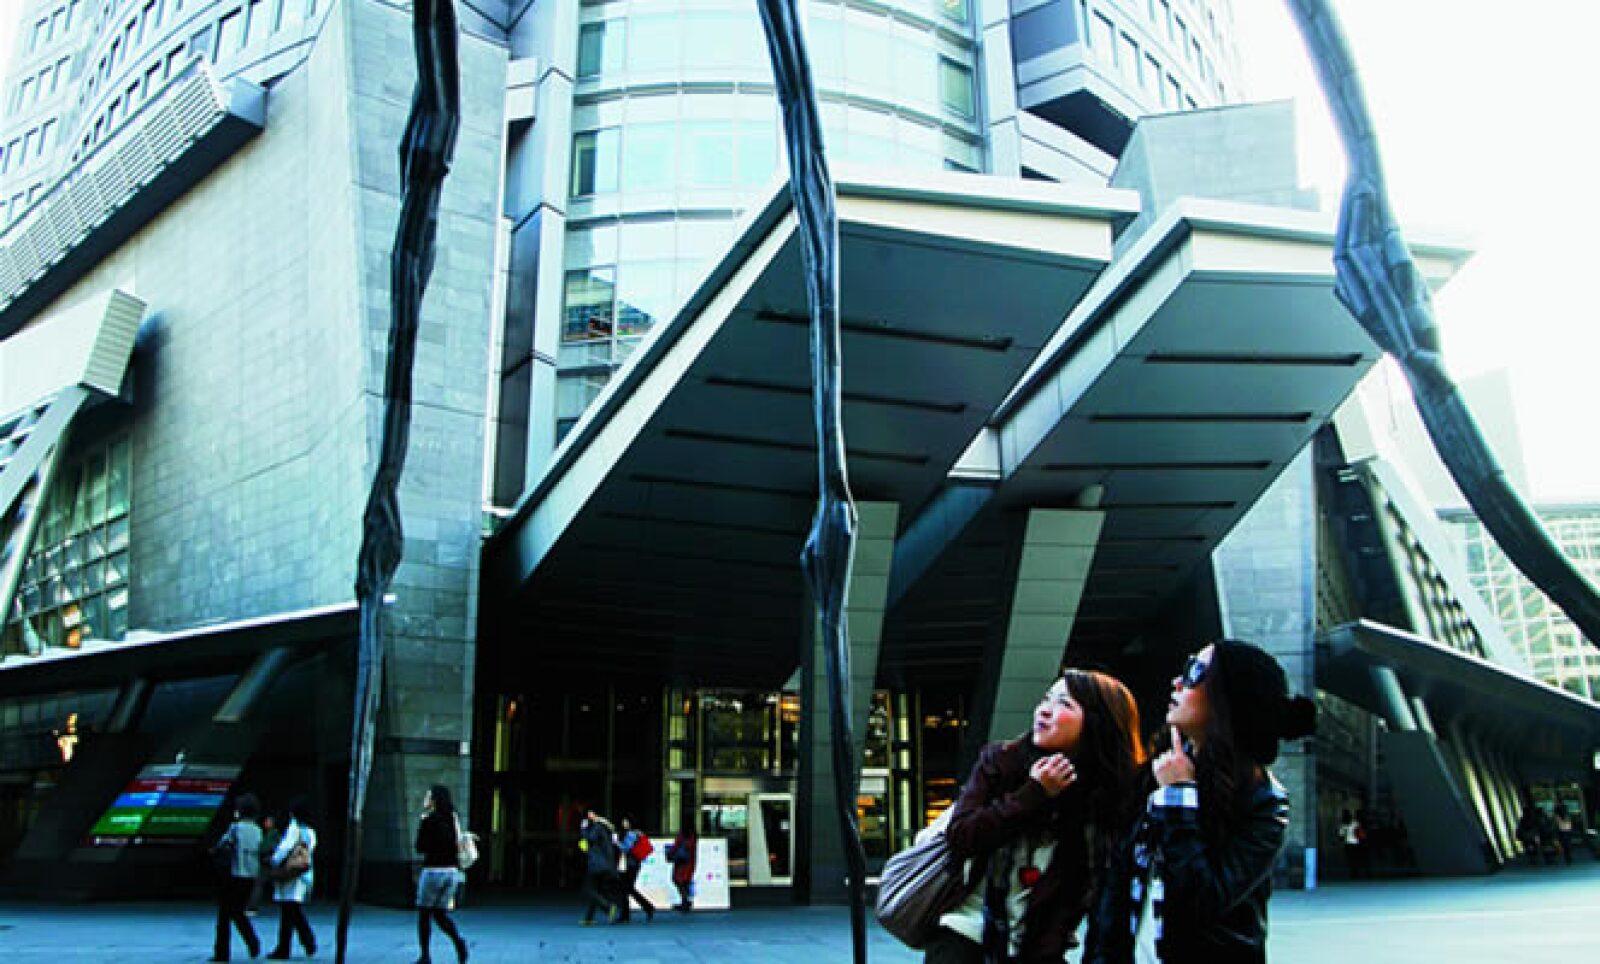 La estructuras de todo Tokio están hechas para tener tranquilidad e introspección.